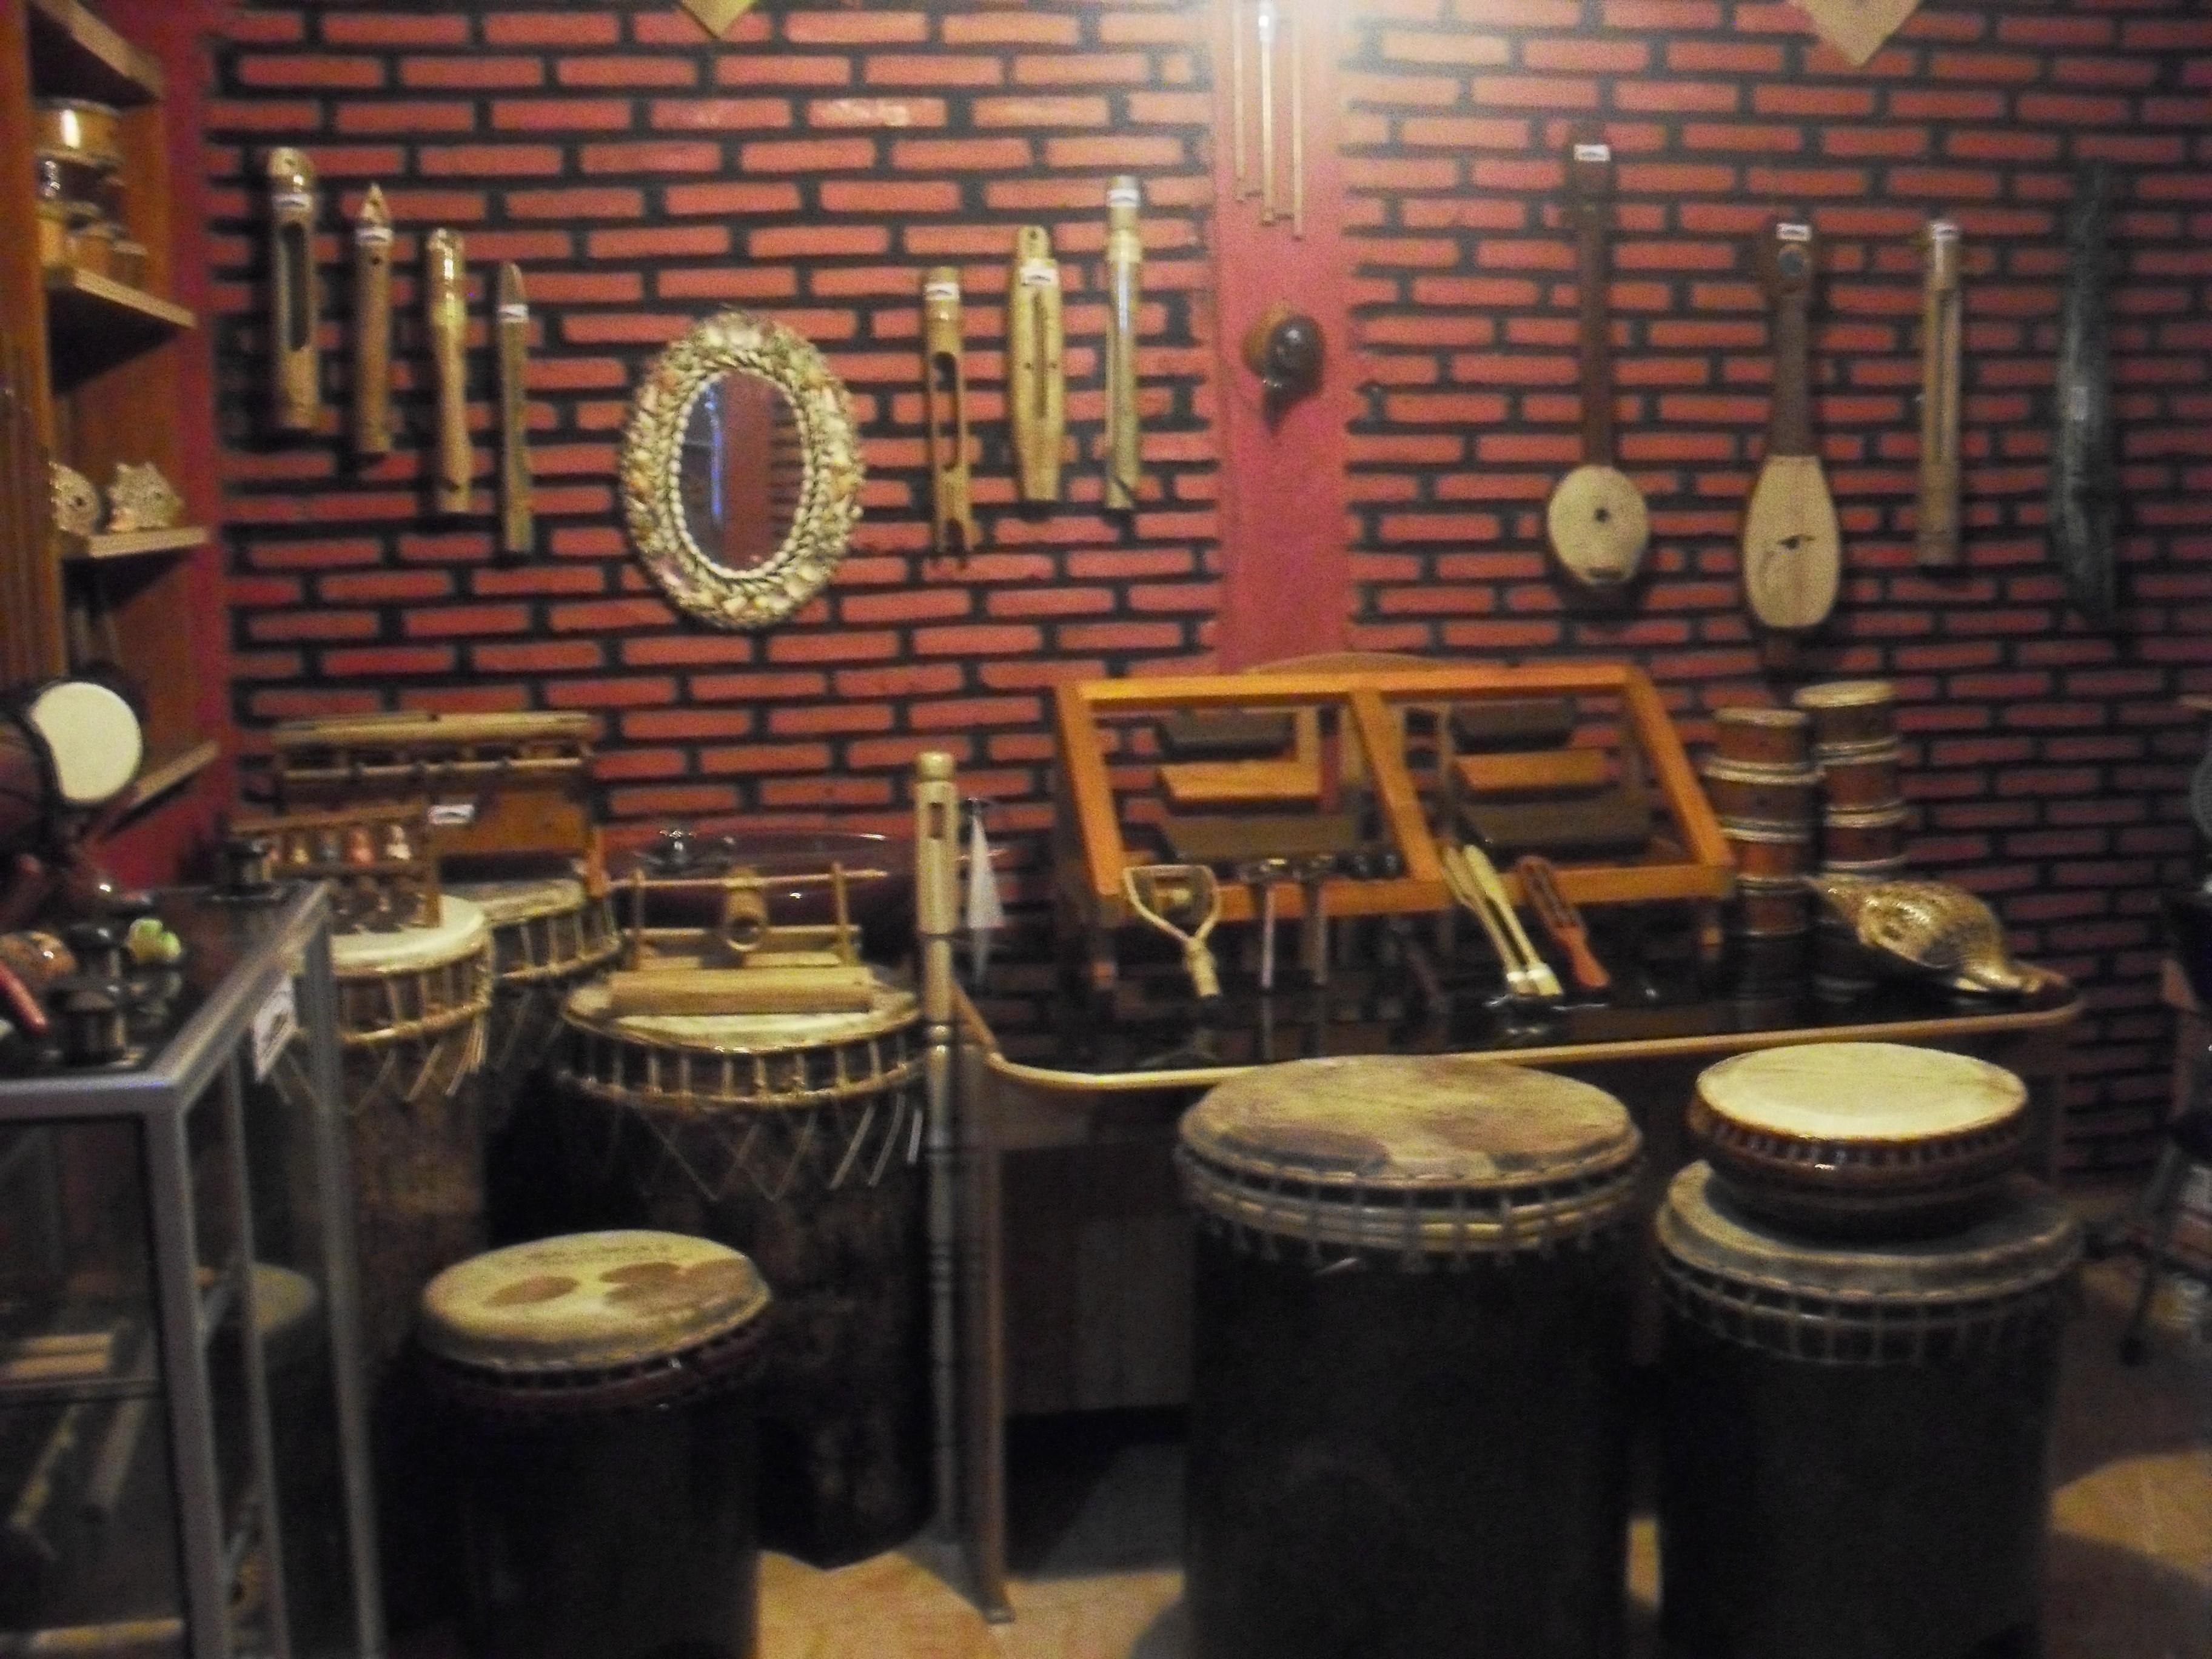 Alat Musik Tradisonal Daerah Gorontalo Dinas Pariwisata Wisata Rumah Adat